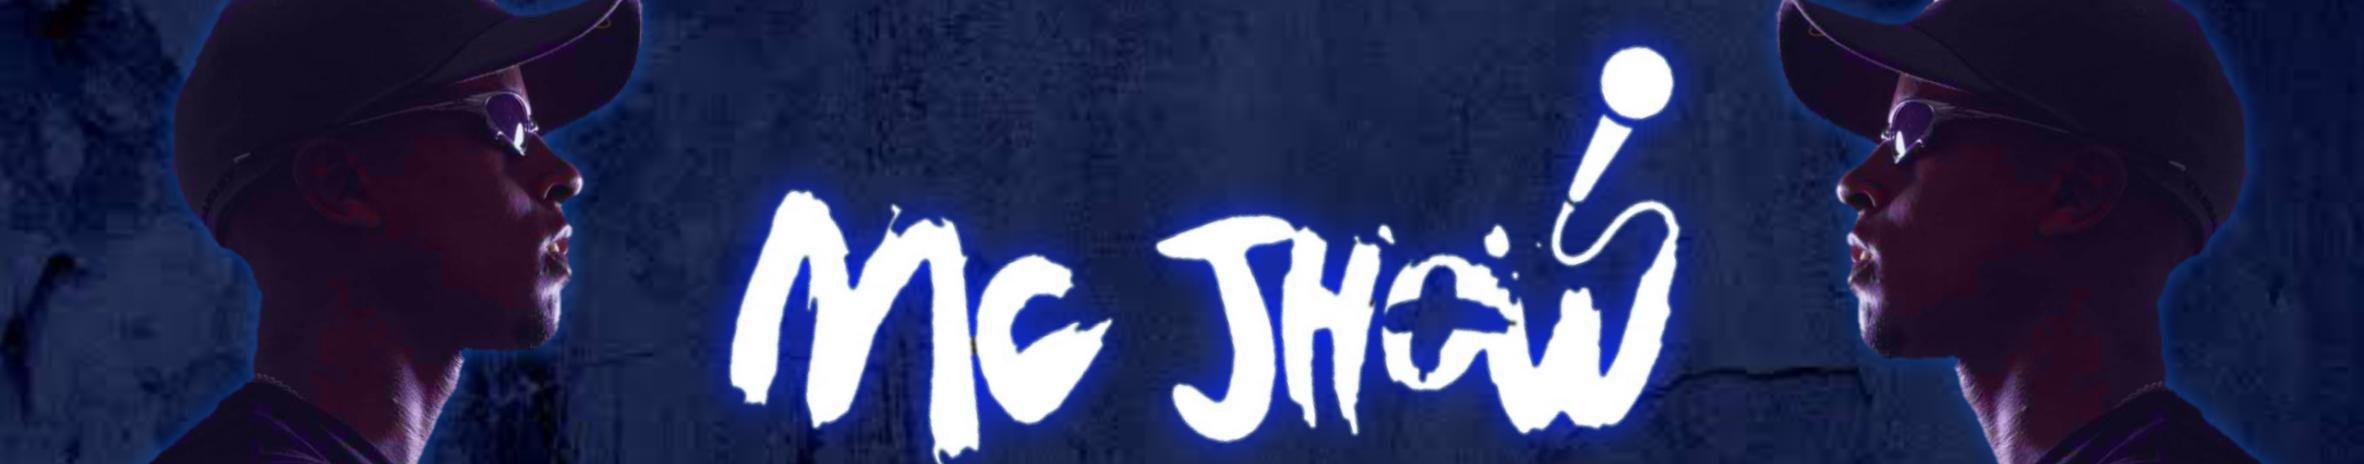 Imagem de capa de Mc jhow